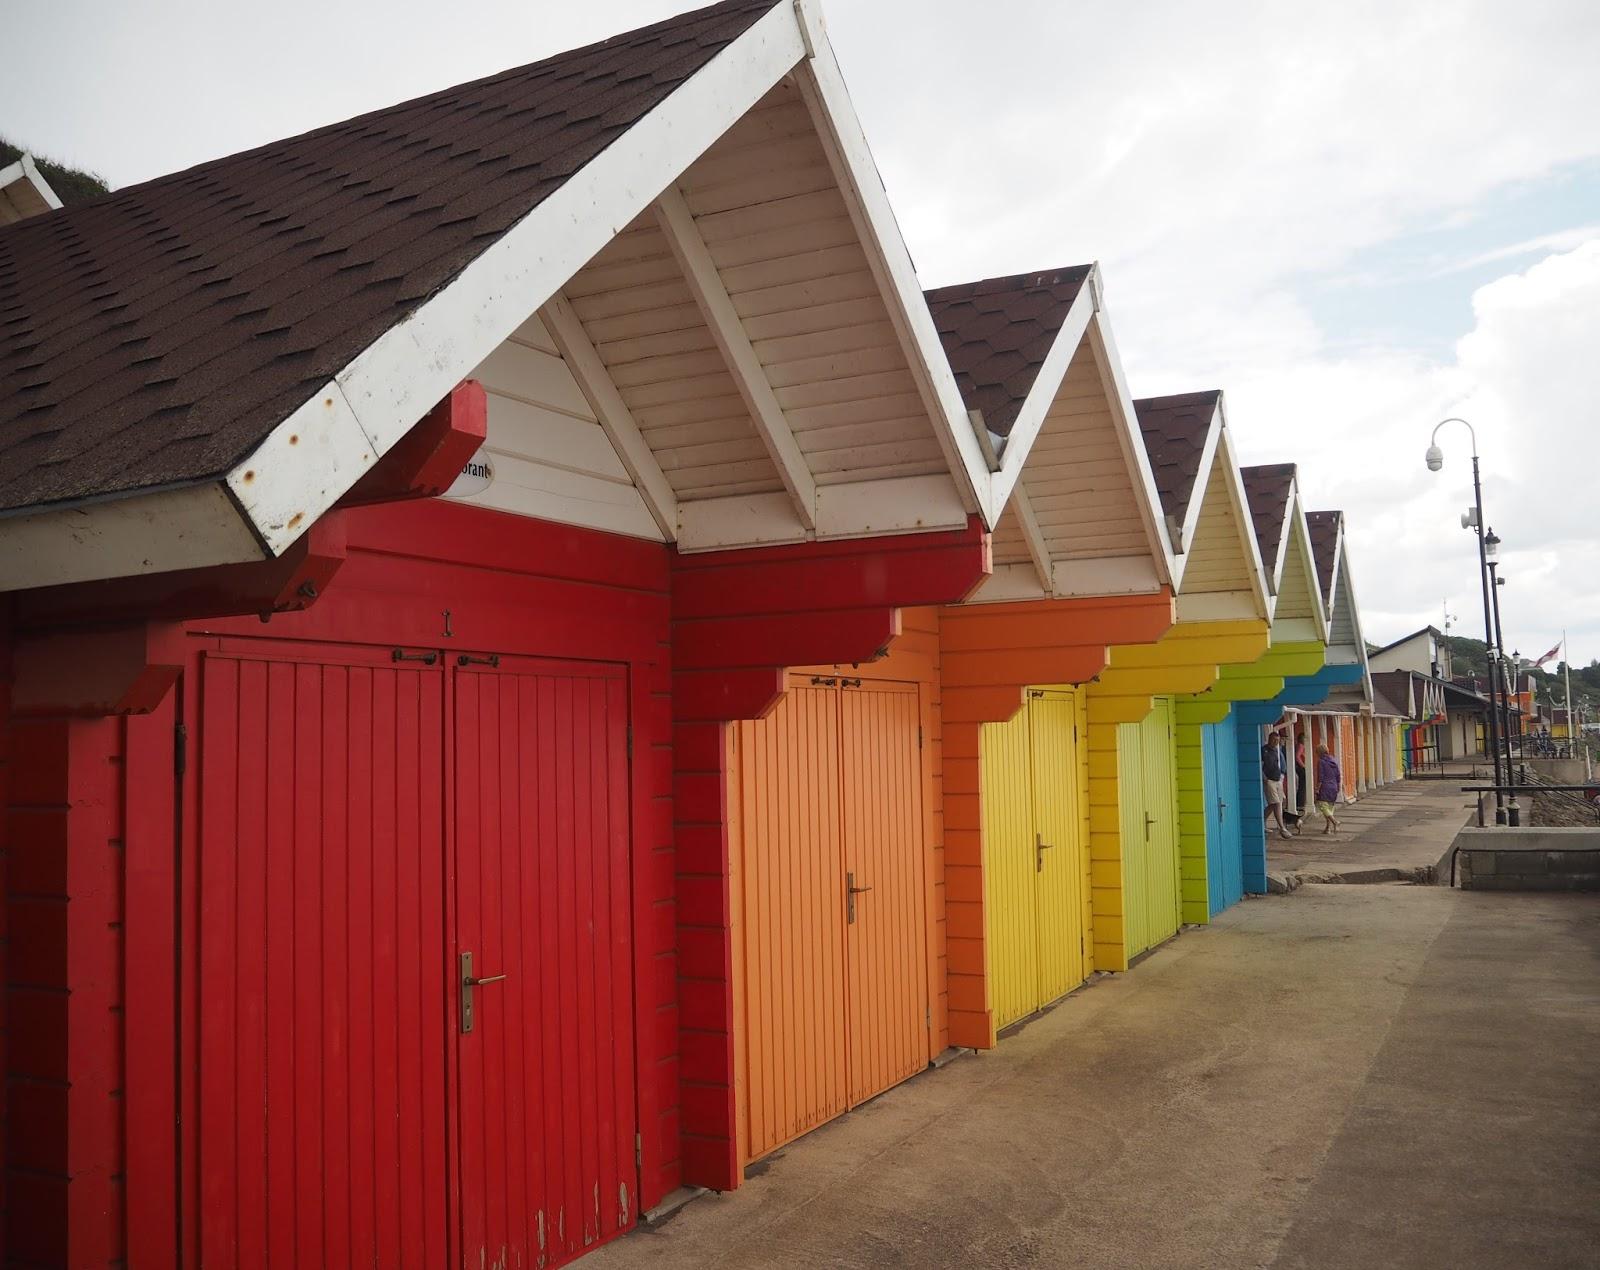 Bright beach huts North Bay, Scarborough